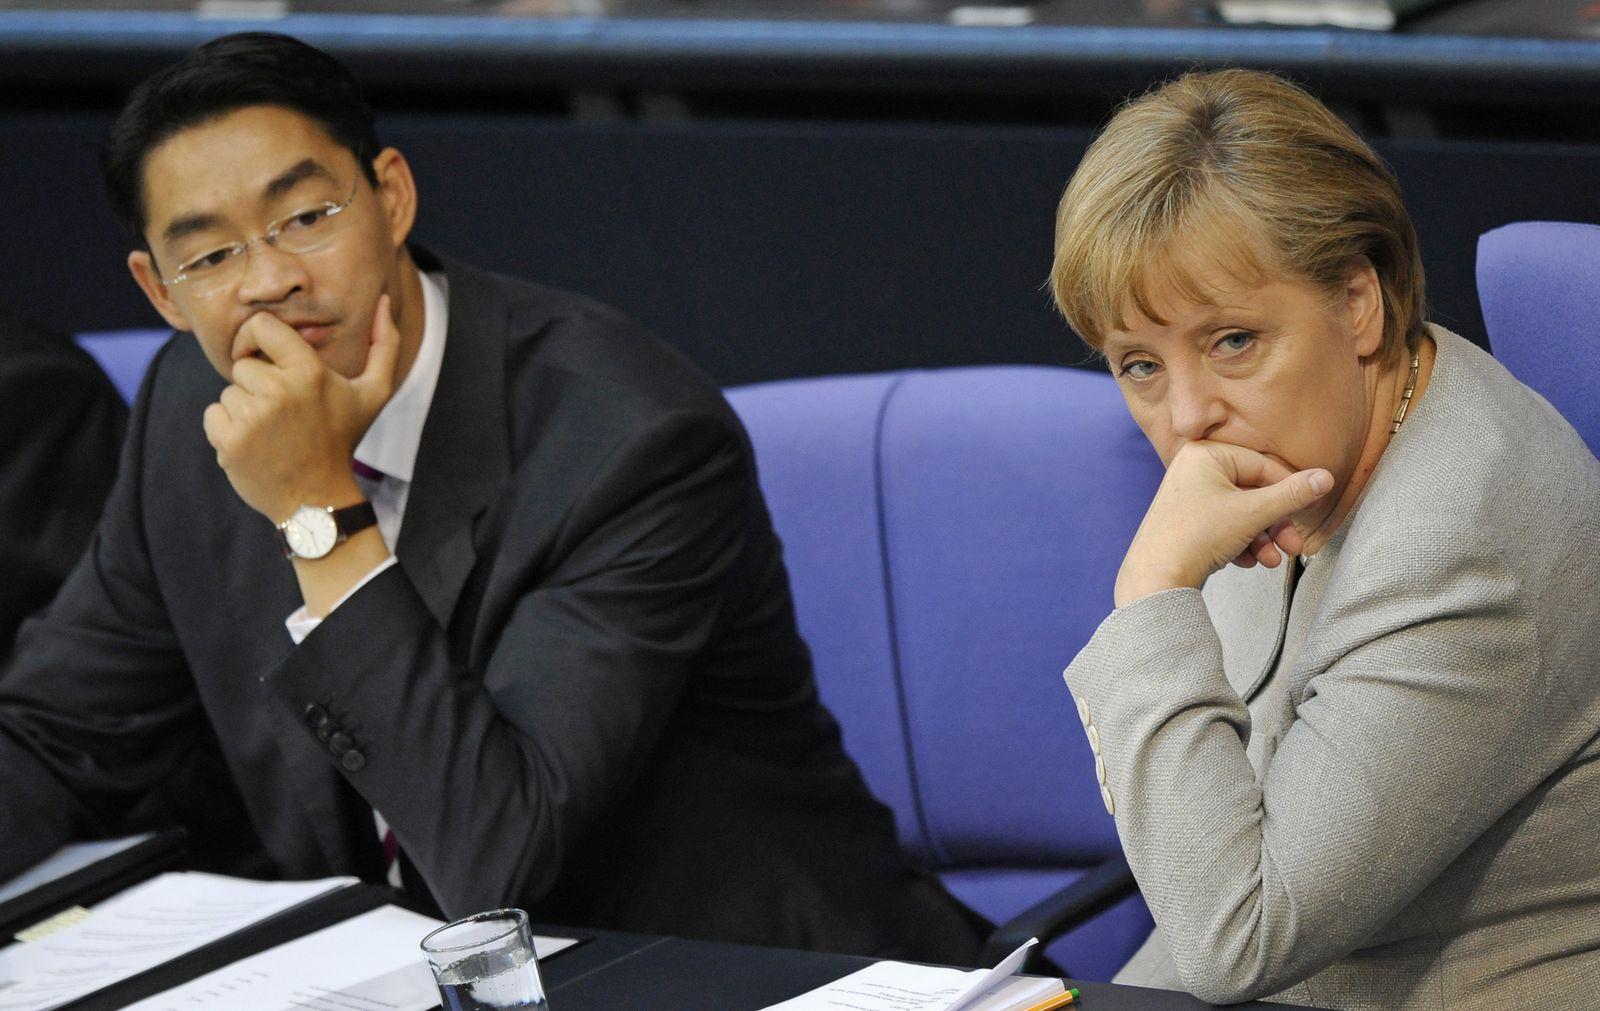 NICHT VERWENDEN Rösler Merkel